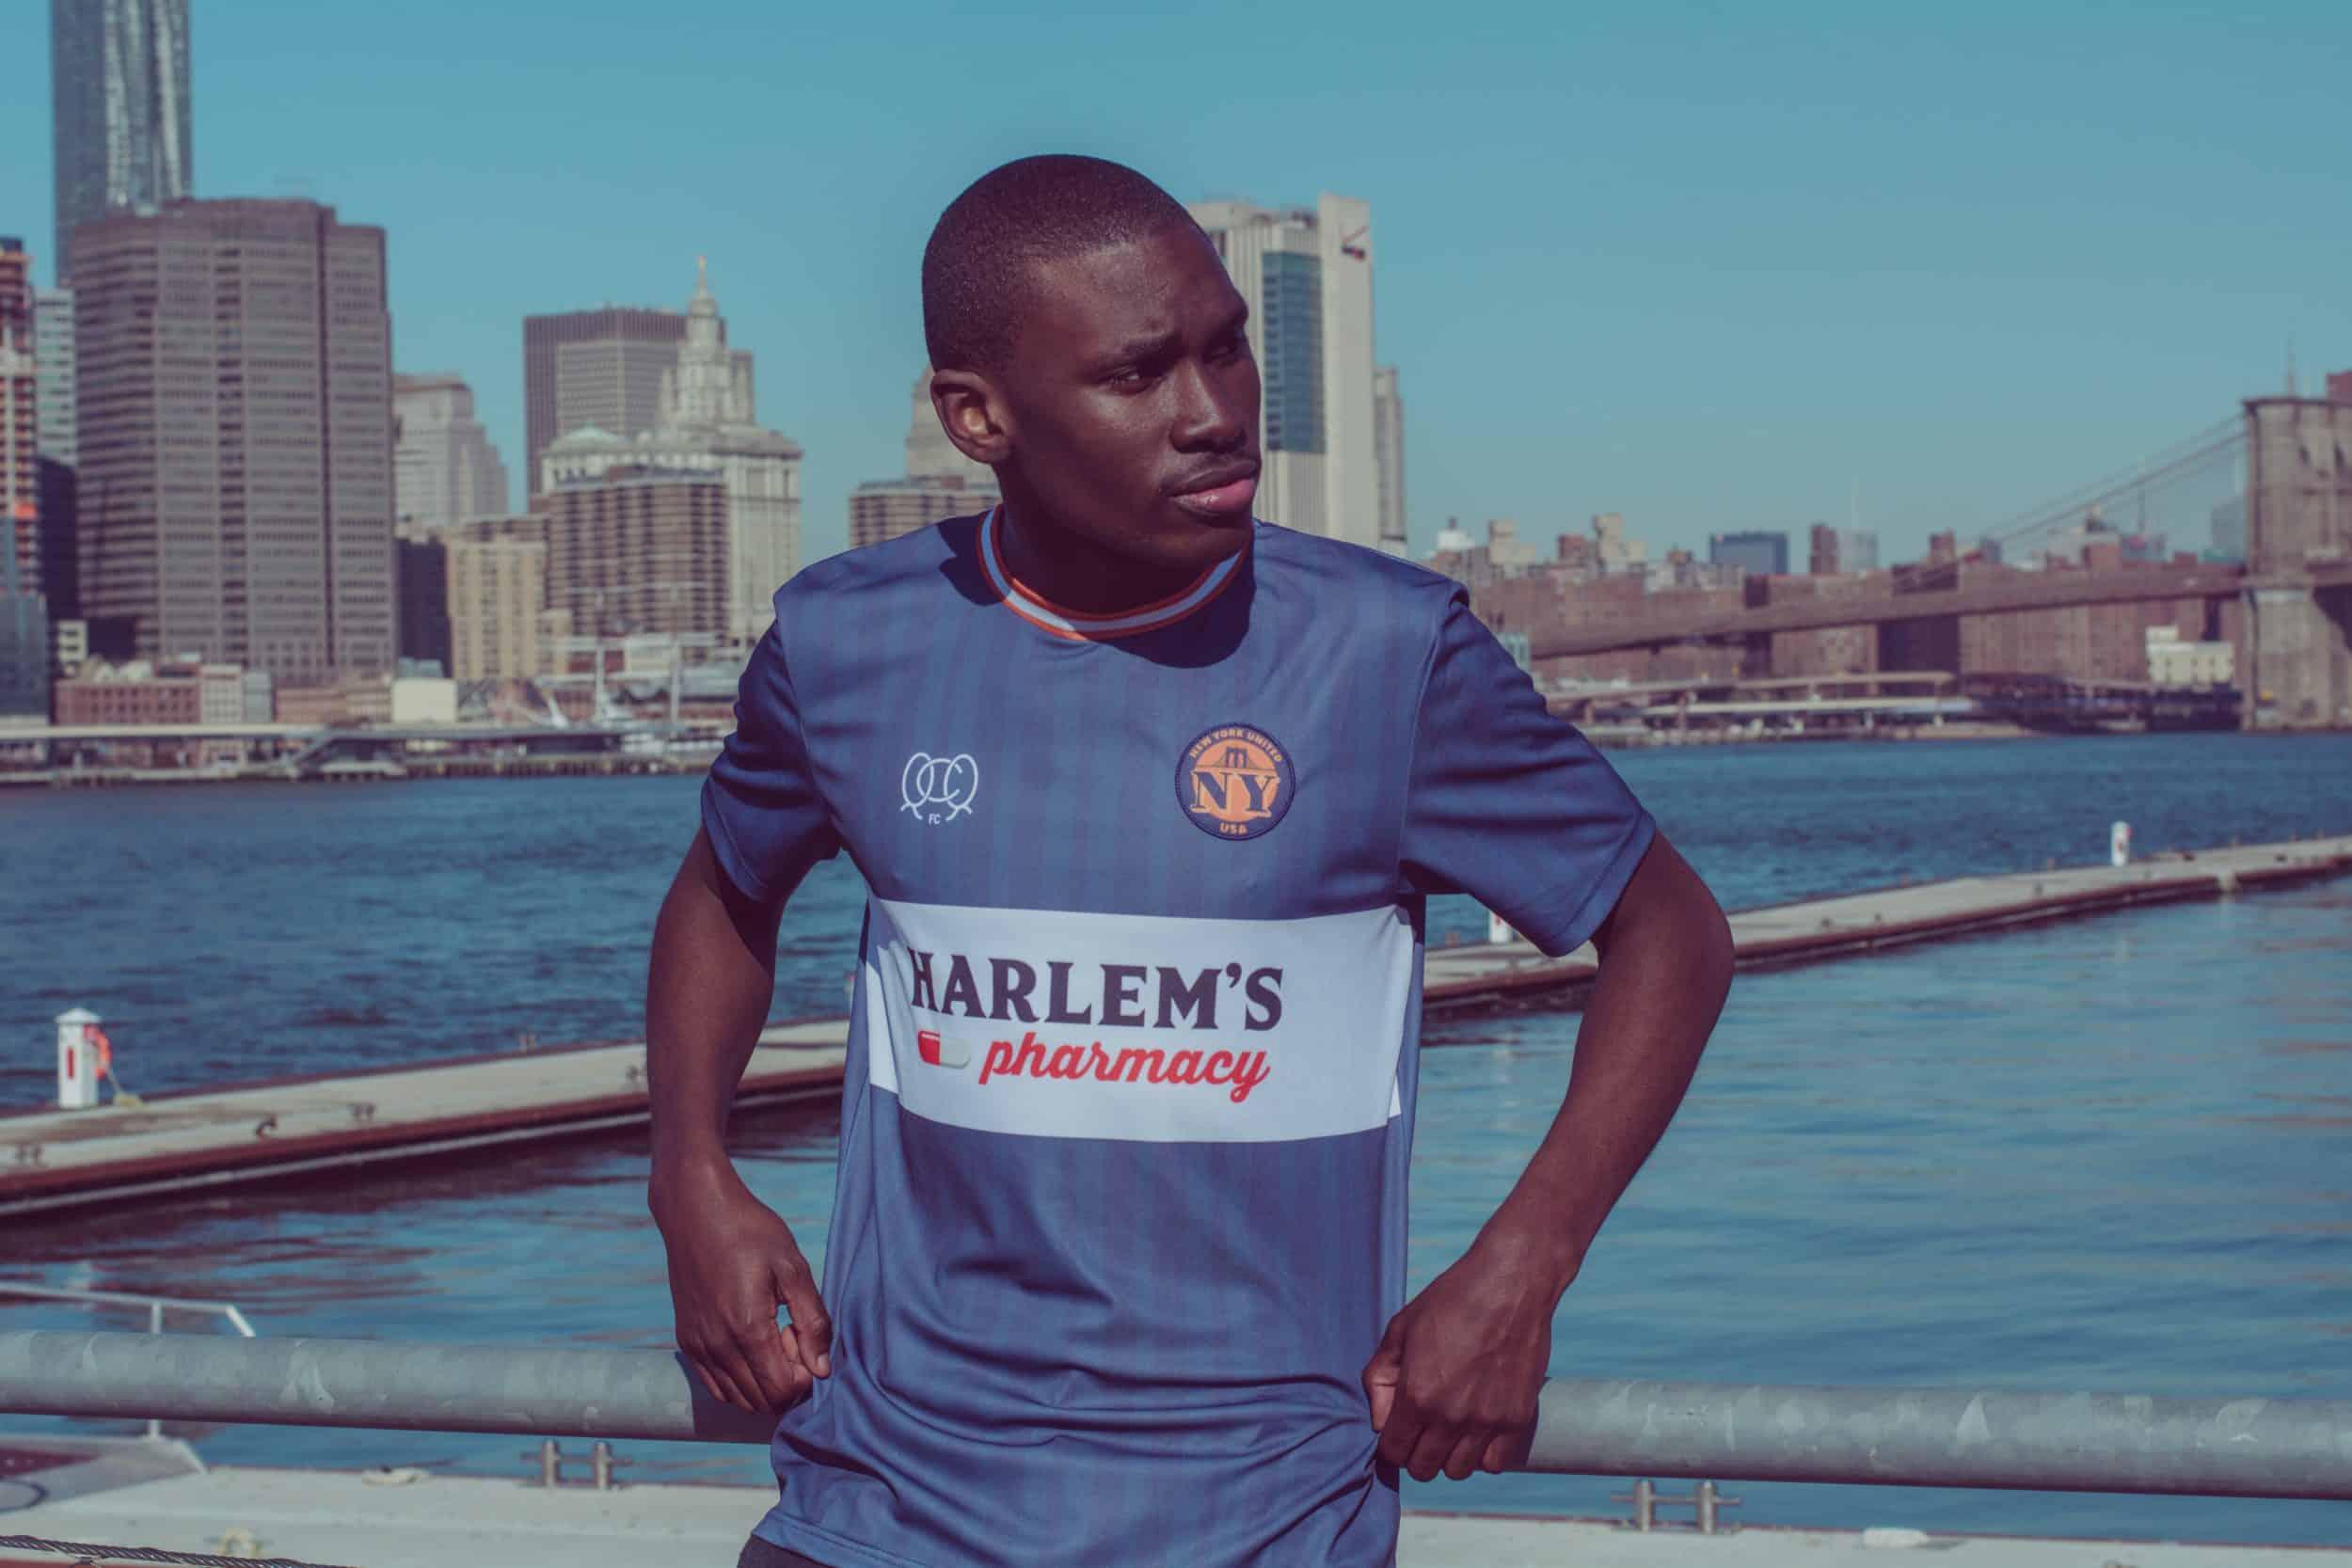 quatre-cent-quinze-streetwear-football-juin-20181